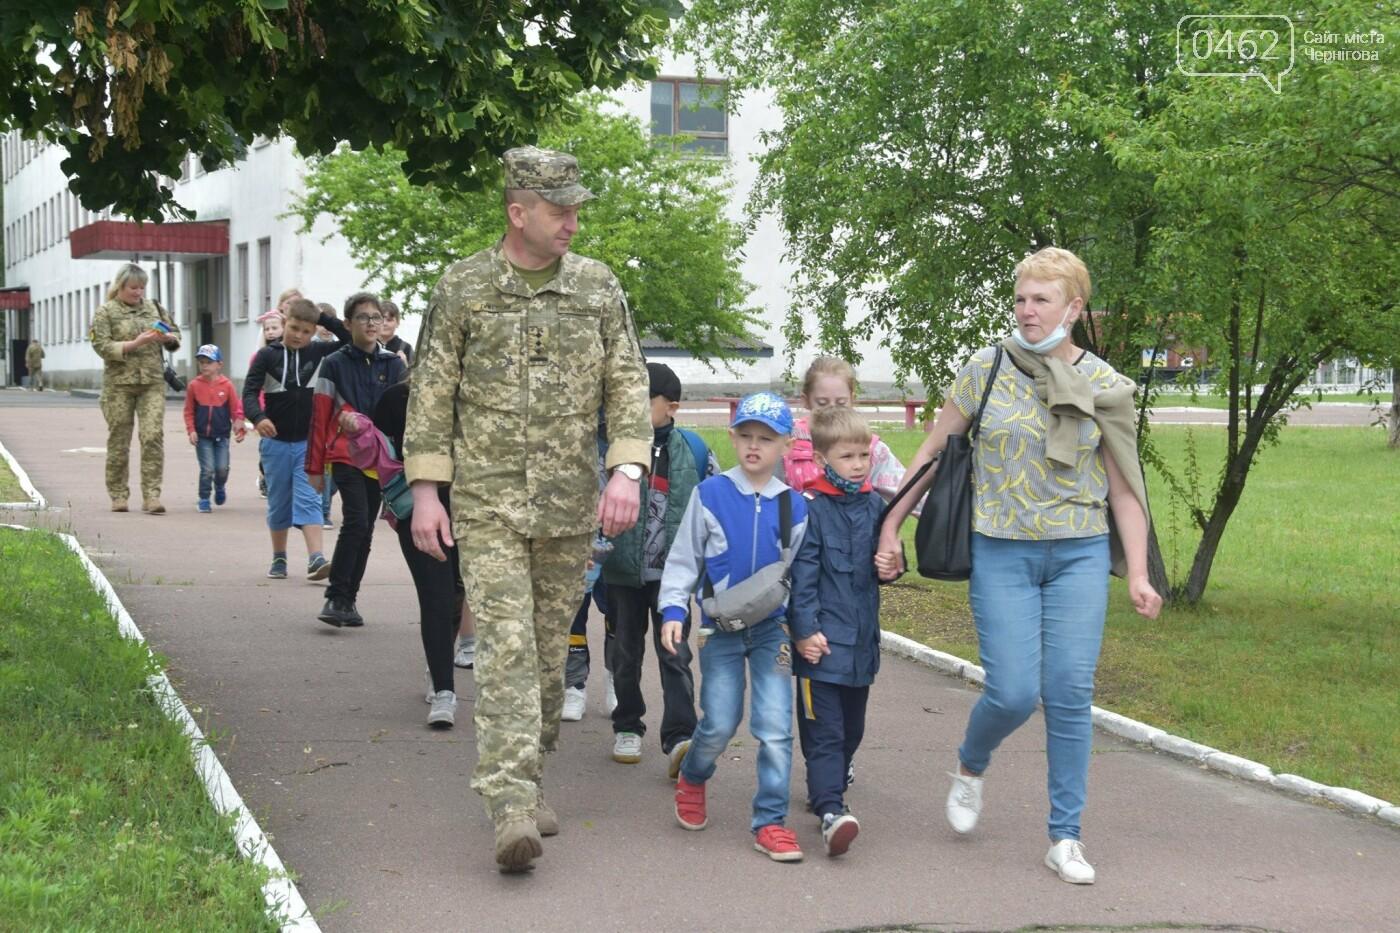 Як стати танкістом. Чернігівським дітям військові показали свою роботу і побут, фото-1